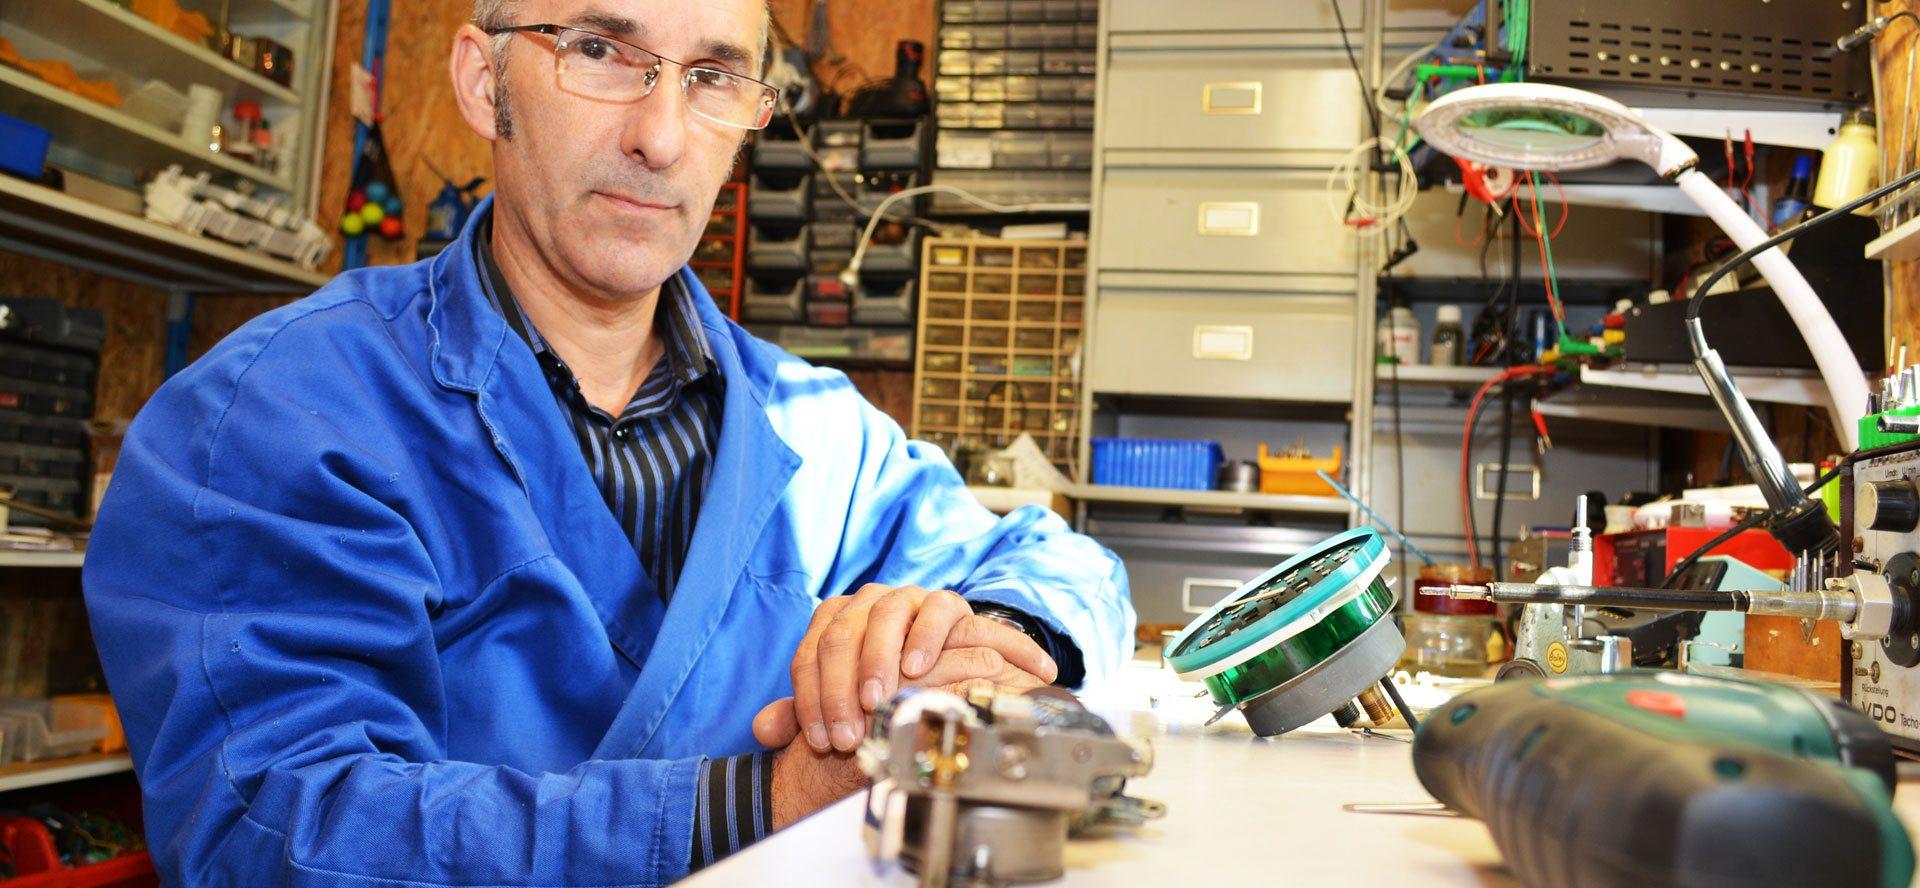 Renotech-réparation-rénovation-compteur-instrumentation-bord